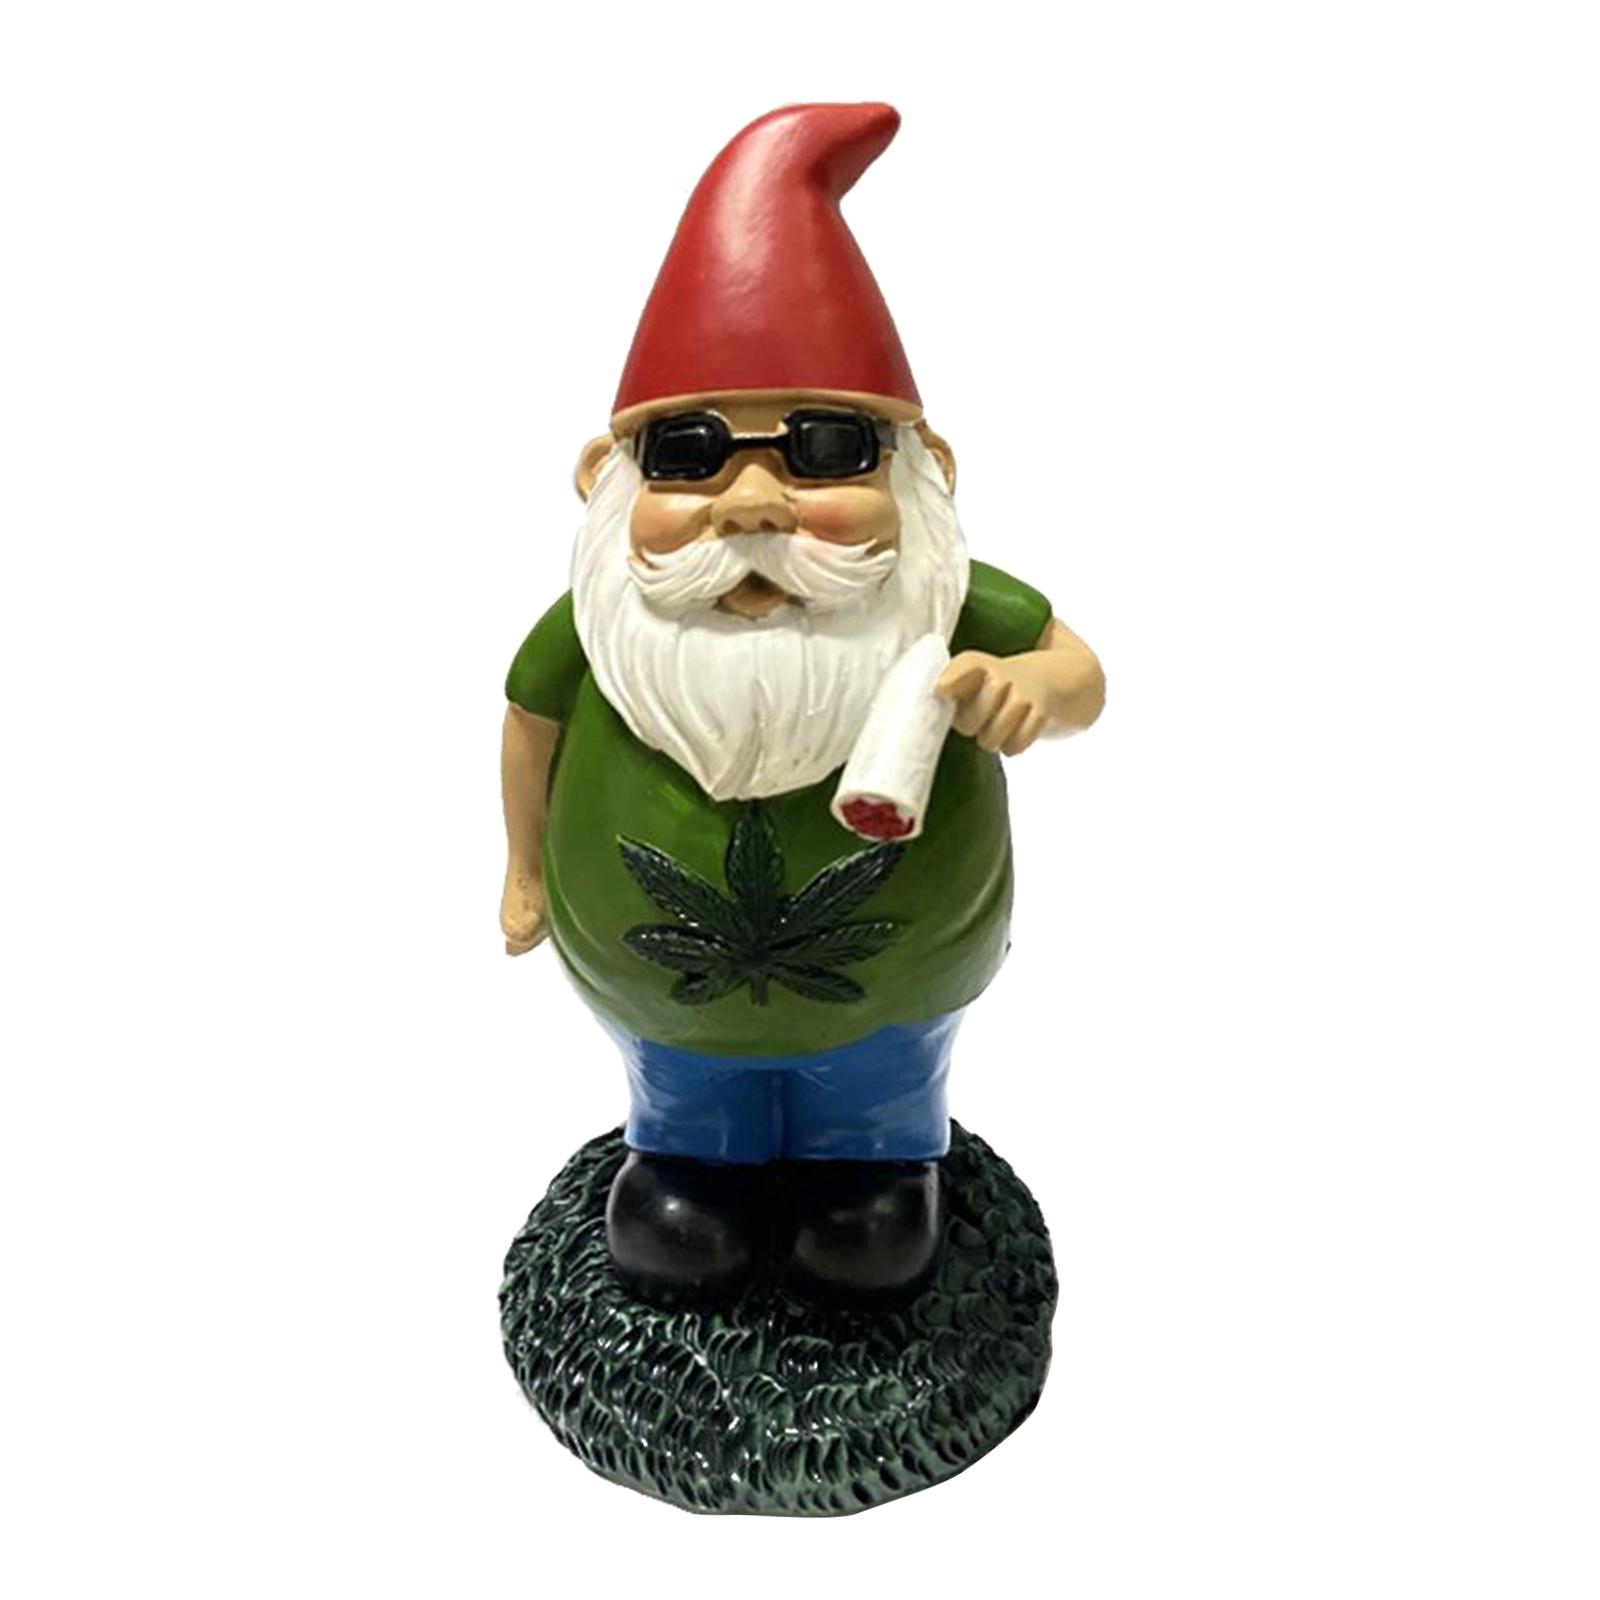 thumbnail 37 - Garden Gnome Polyresin Garden Sculpture Outdoor/Indoor Decor Funny Lawn Figurine